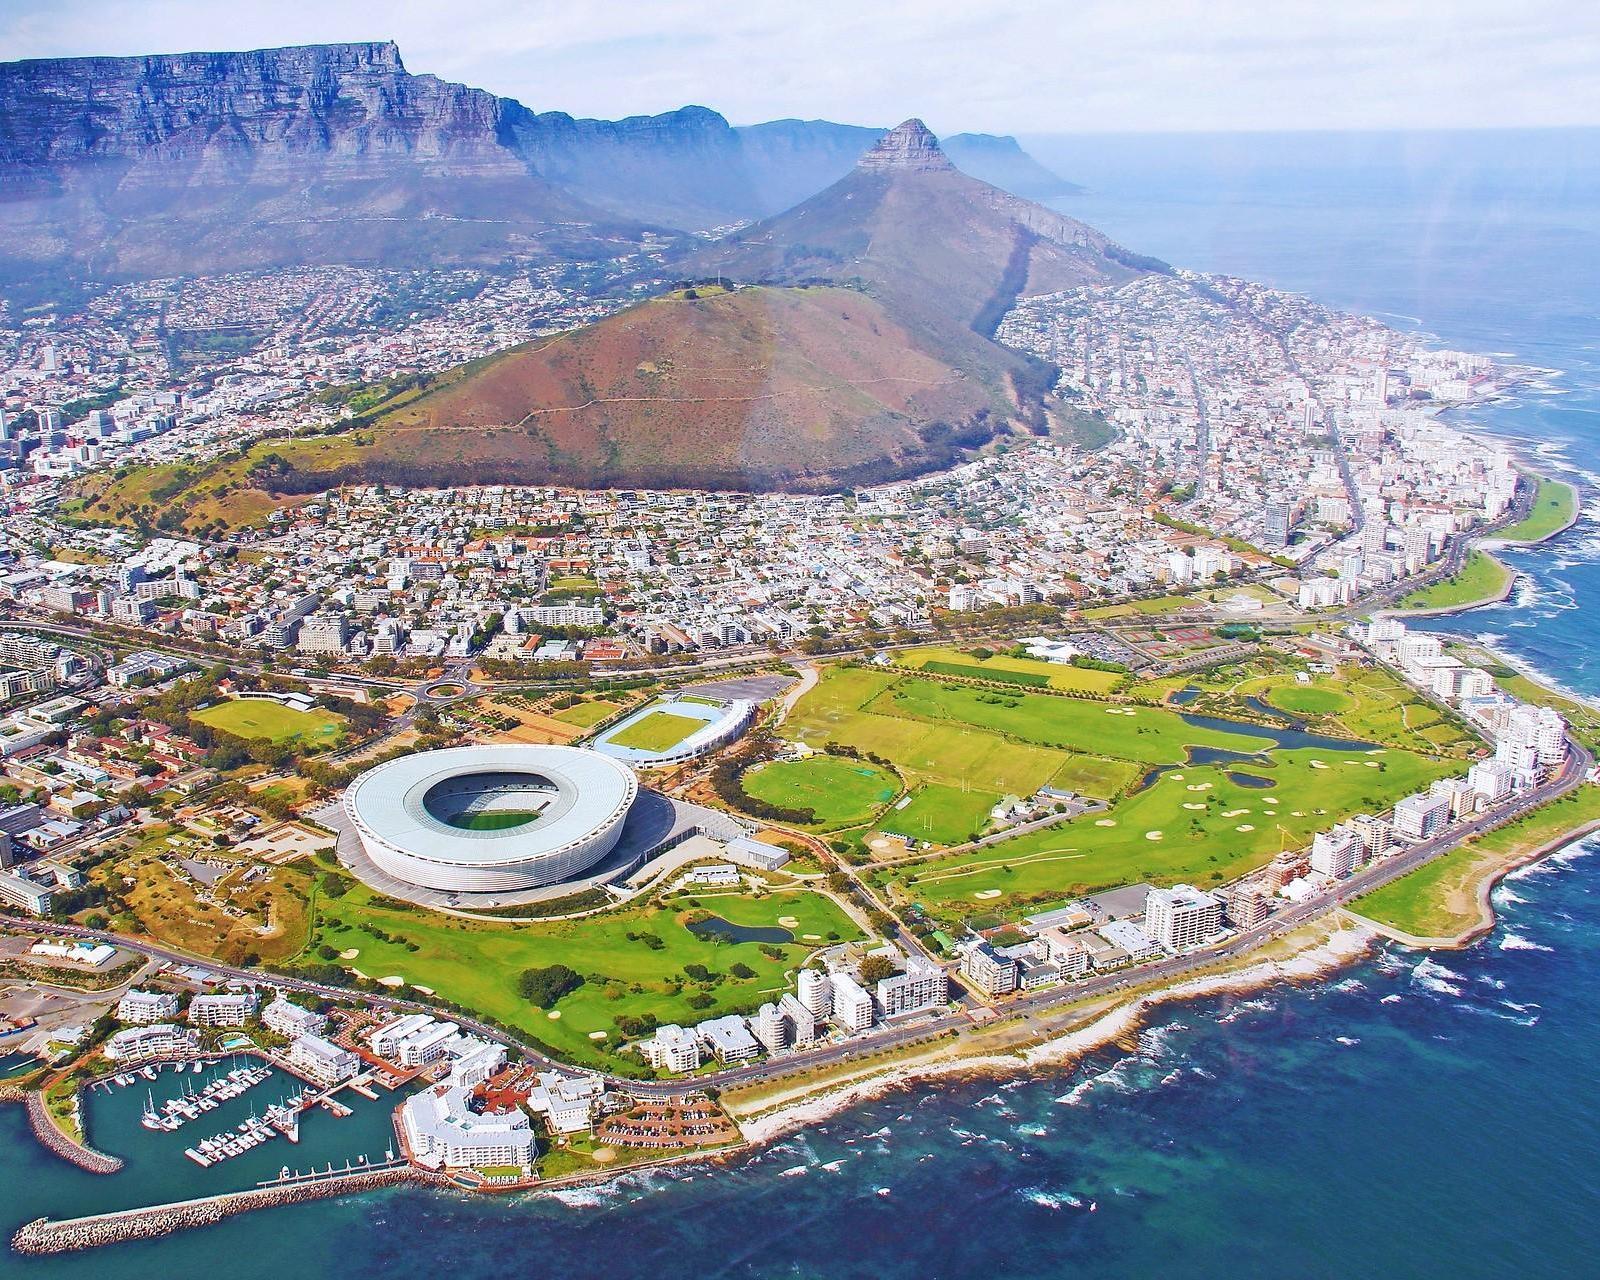 Visita 3 ciudades en Sudáfrica